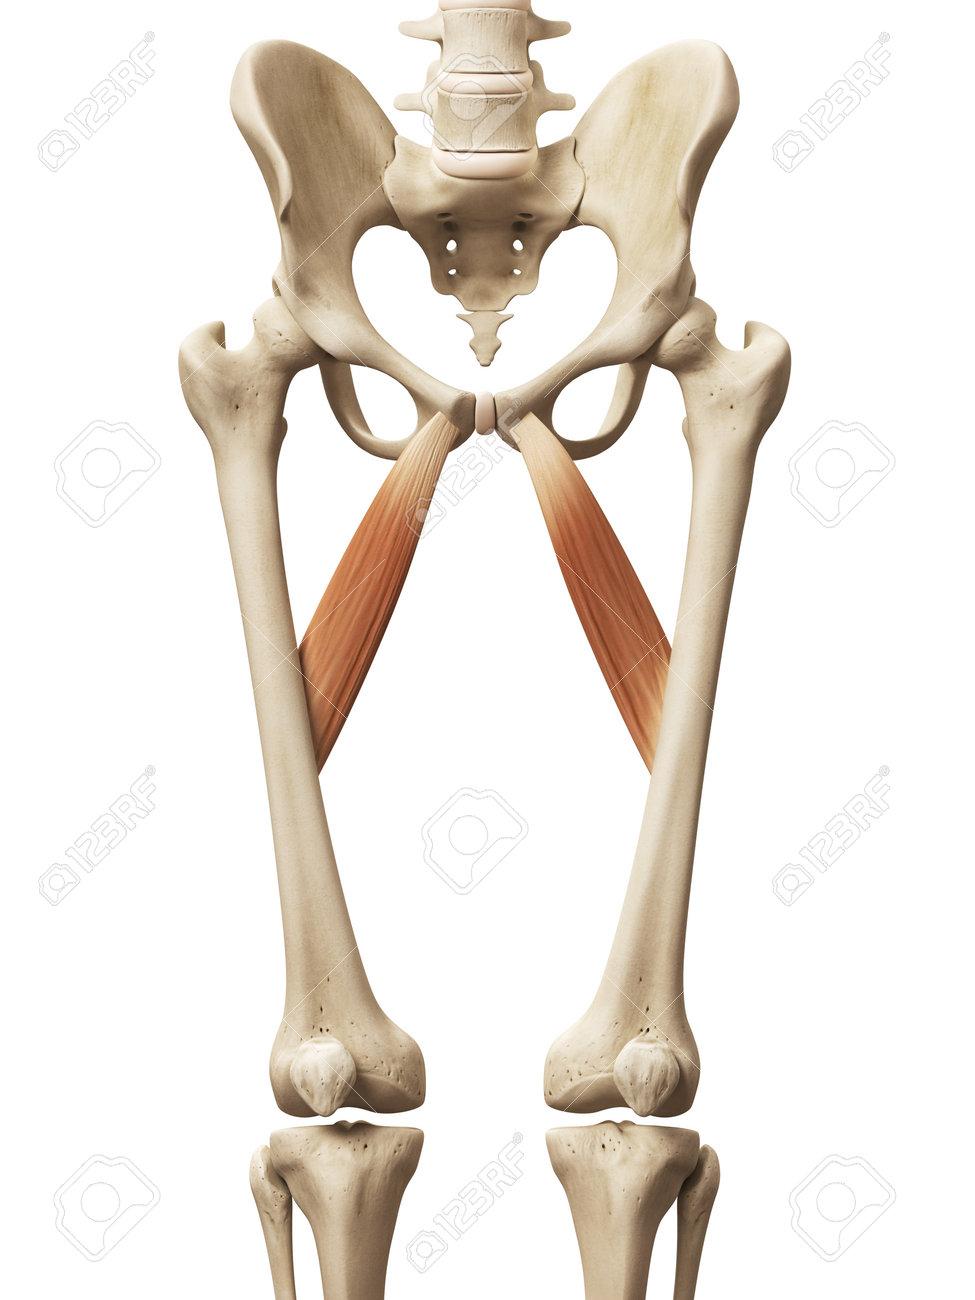 Wunderbar Anatomie Mnemotechnik Muskeln Zeitgenössisch - Anatomie ...